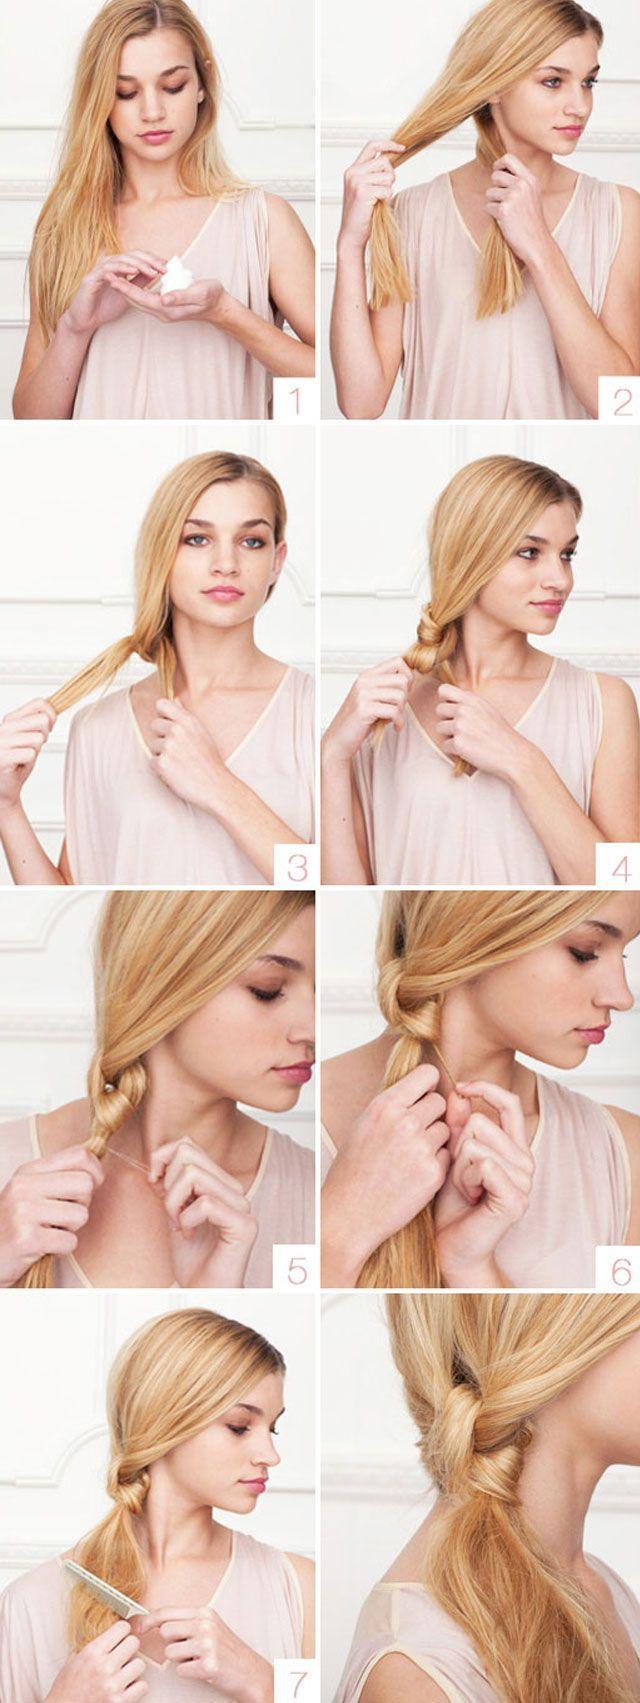 تسريحات شعر سهلة وسريعة 730503891.jpg